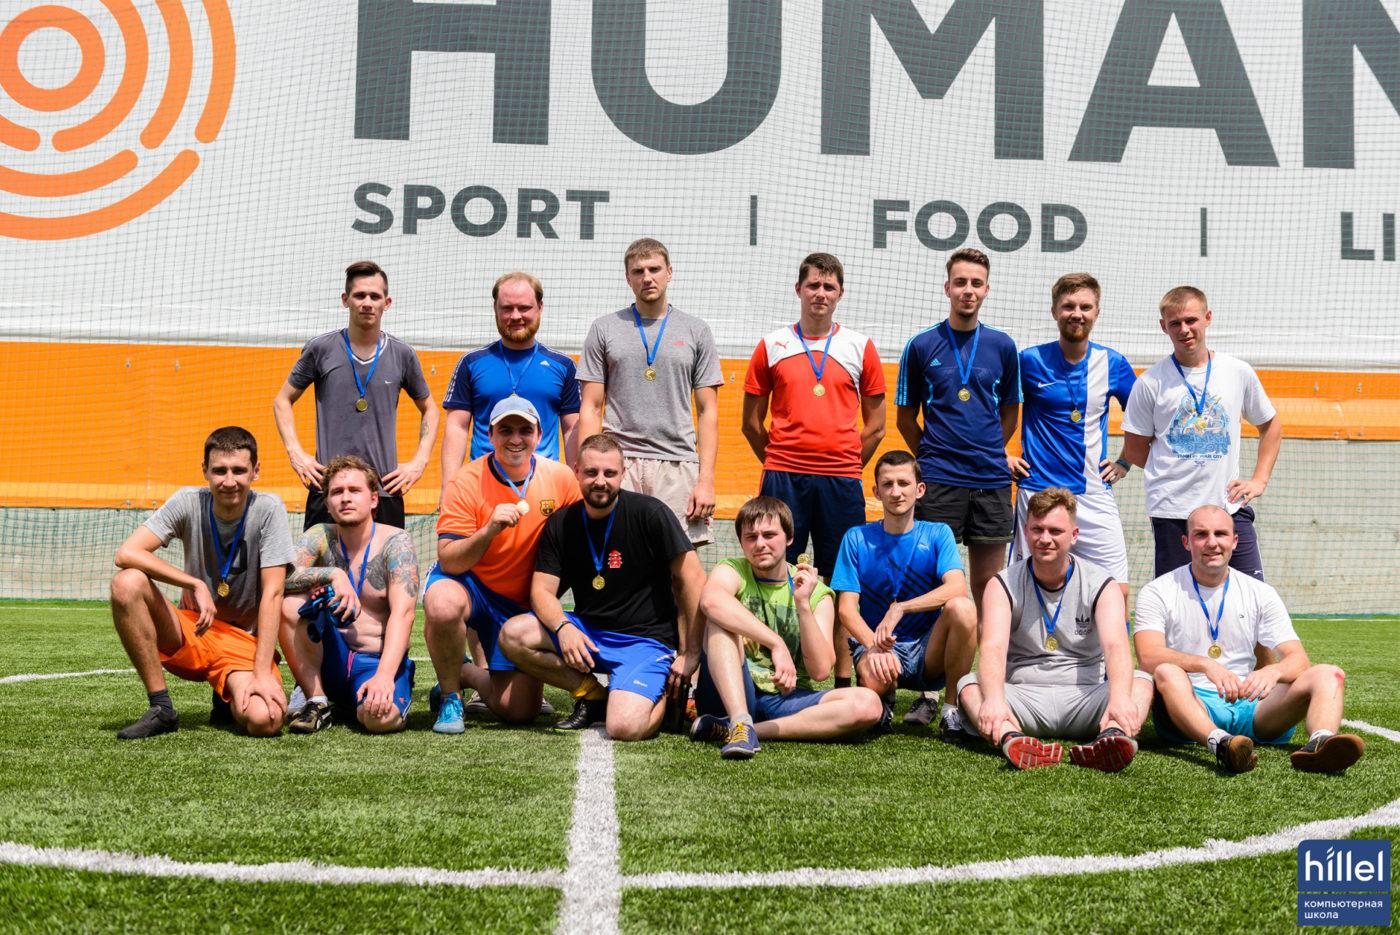 Новини школи: У футбол грають справжні айтішники. Товариський футбольний матч у Дніпрі.